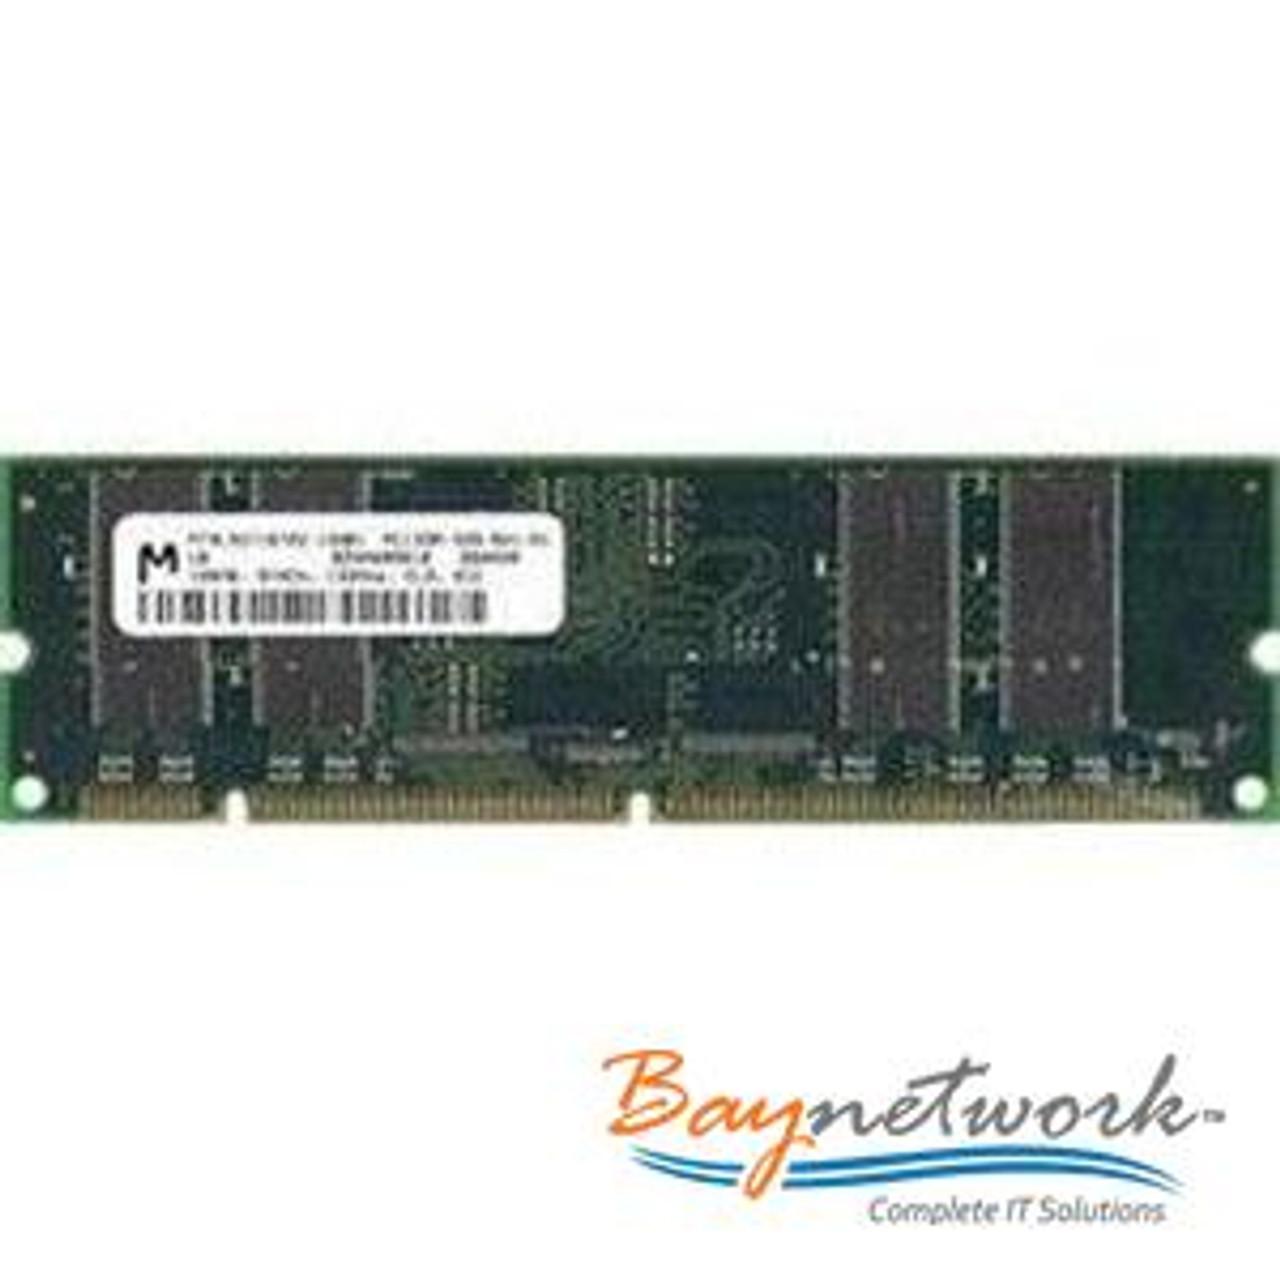 ASA5505-MEM-1GB 1GB Dram Memory Upgrade for ASA 5505 Approved Brand